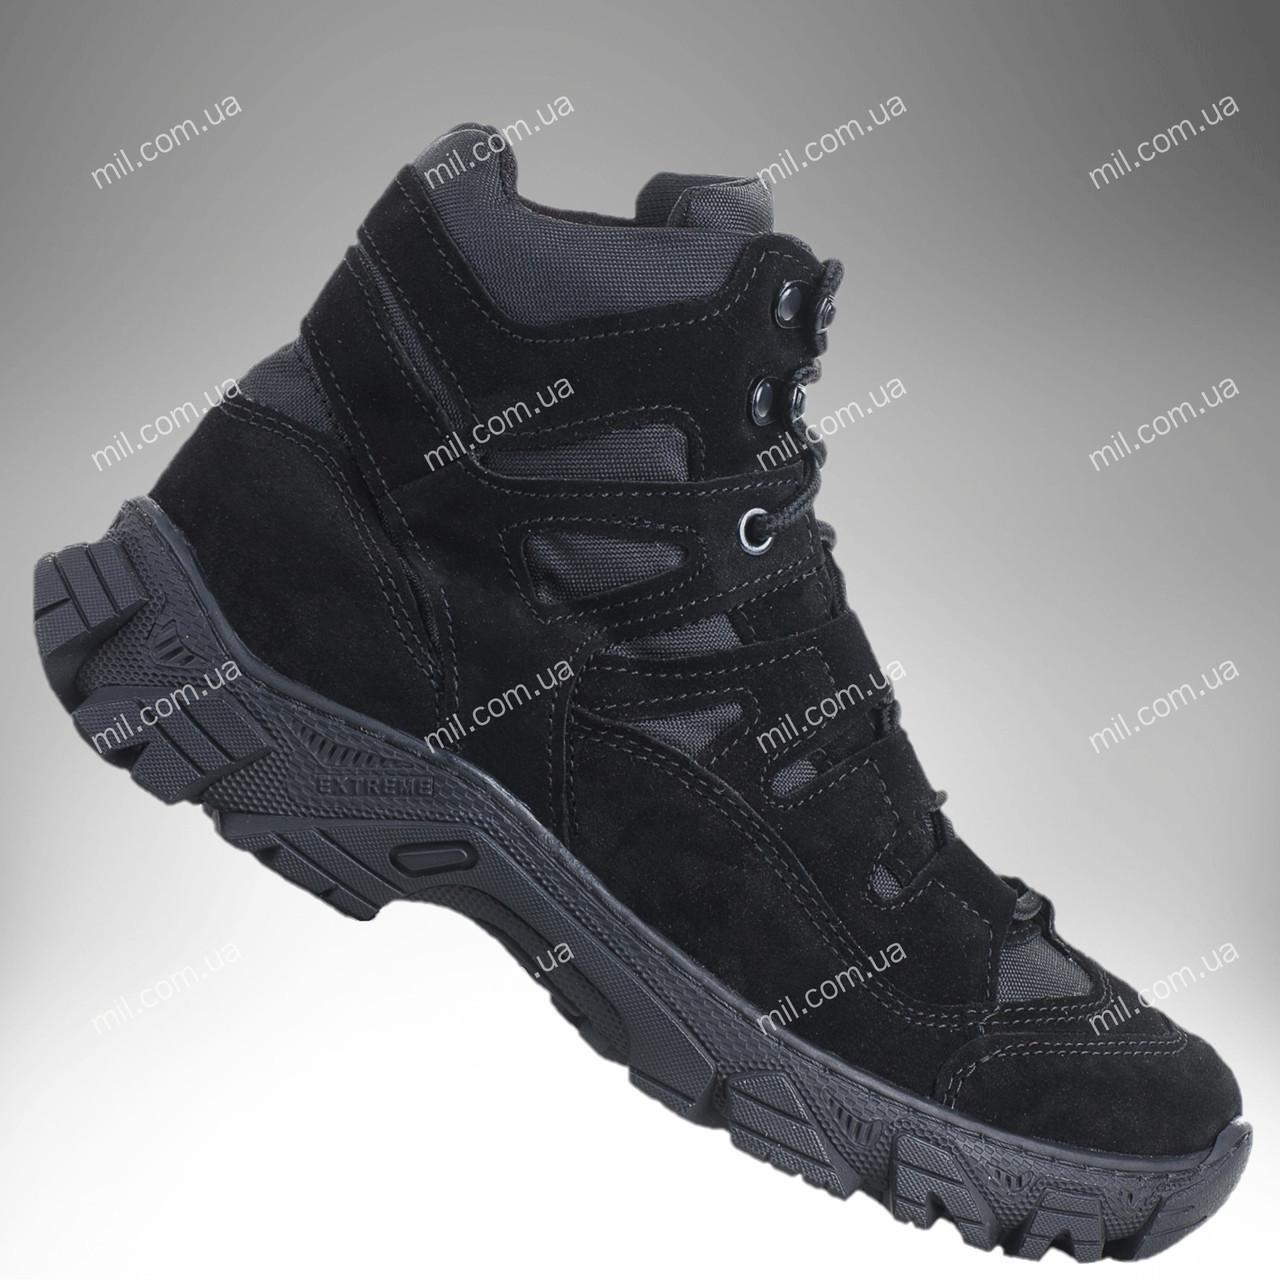 ⭐⭐Тактическая обувь демисезонная / военные, армейские ботинки Tactic HARD2 (black) | военная обувь, военные